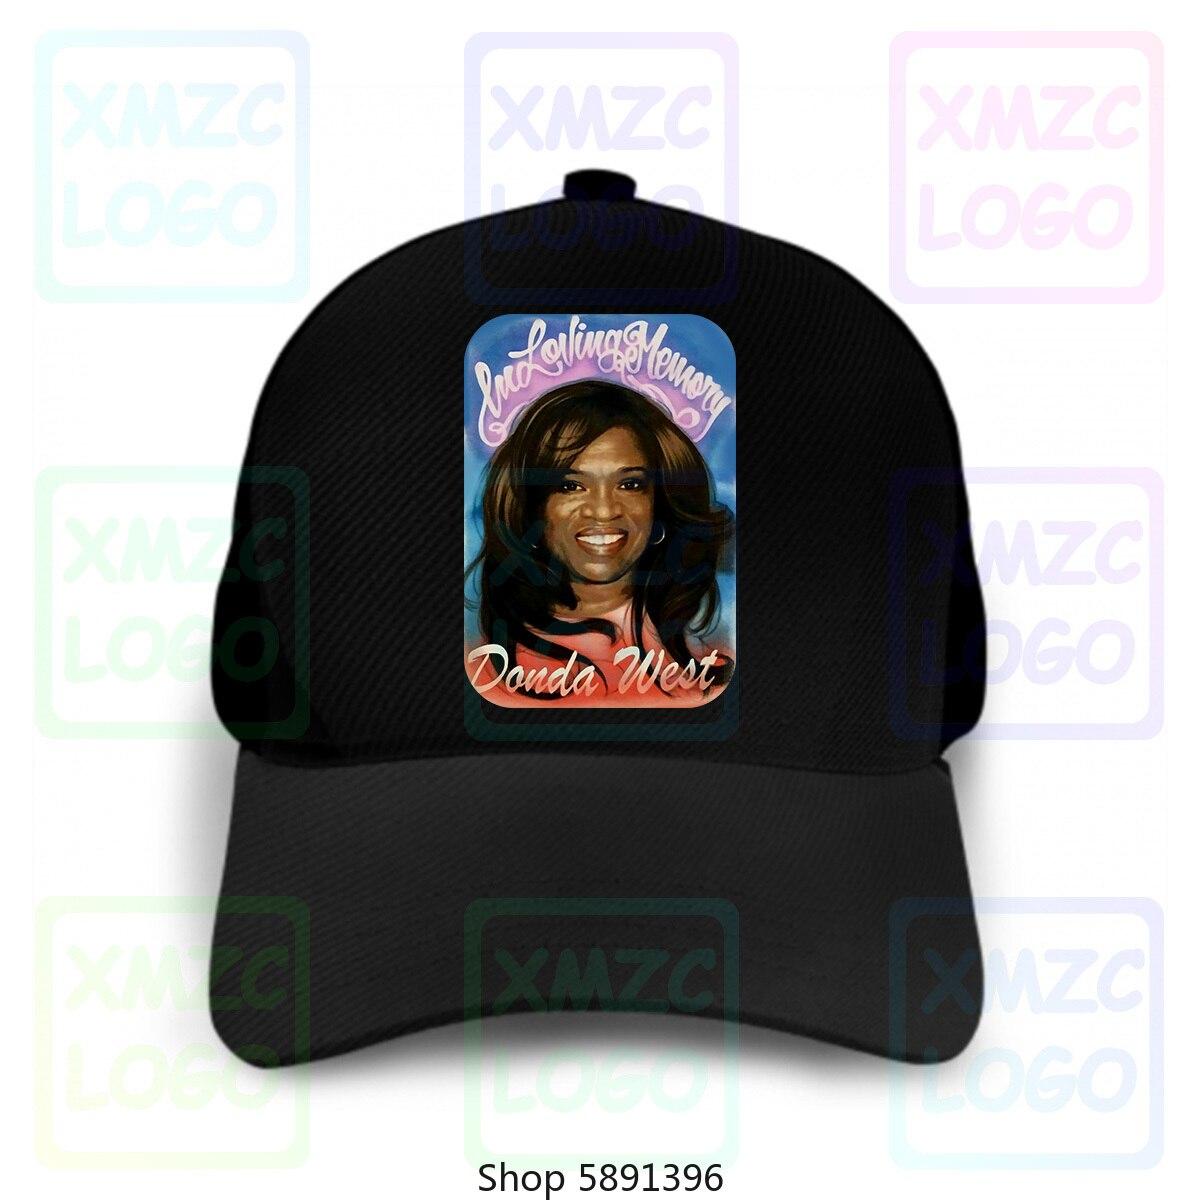 Kanye West la vie de Pablo Saint Tour Toronto Donda Rob blanc casquette de Baseball casquette de Baseball chapeaux femmes hommes